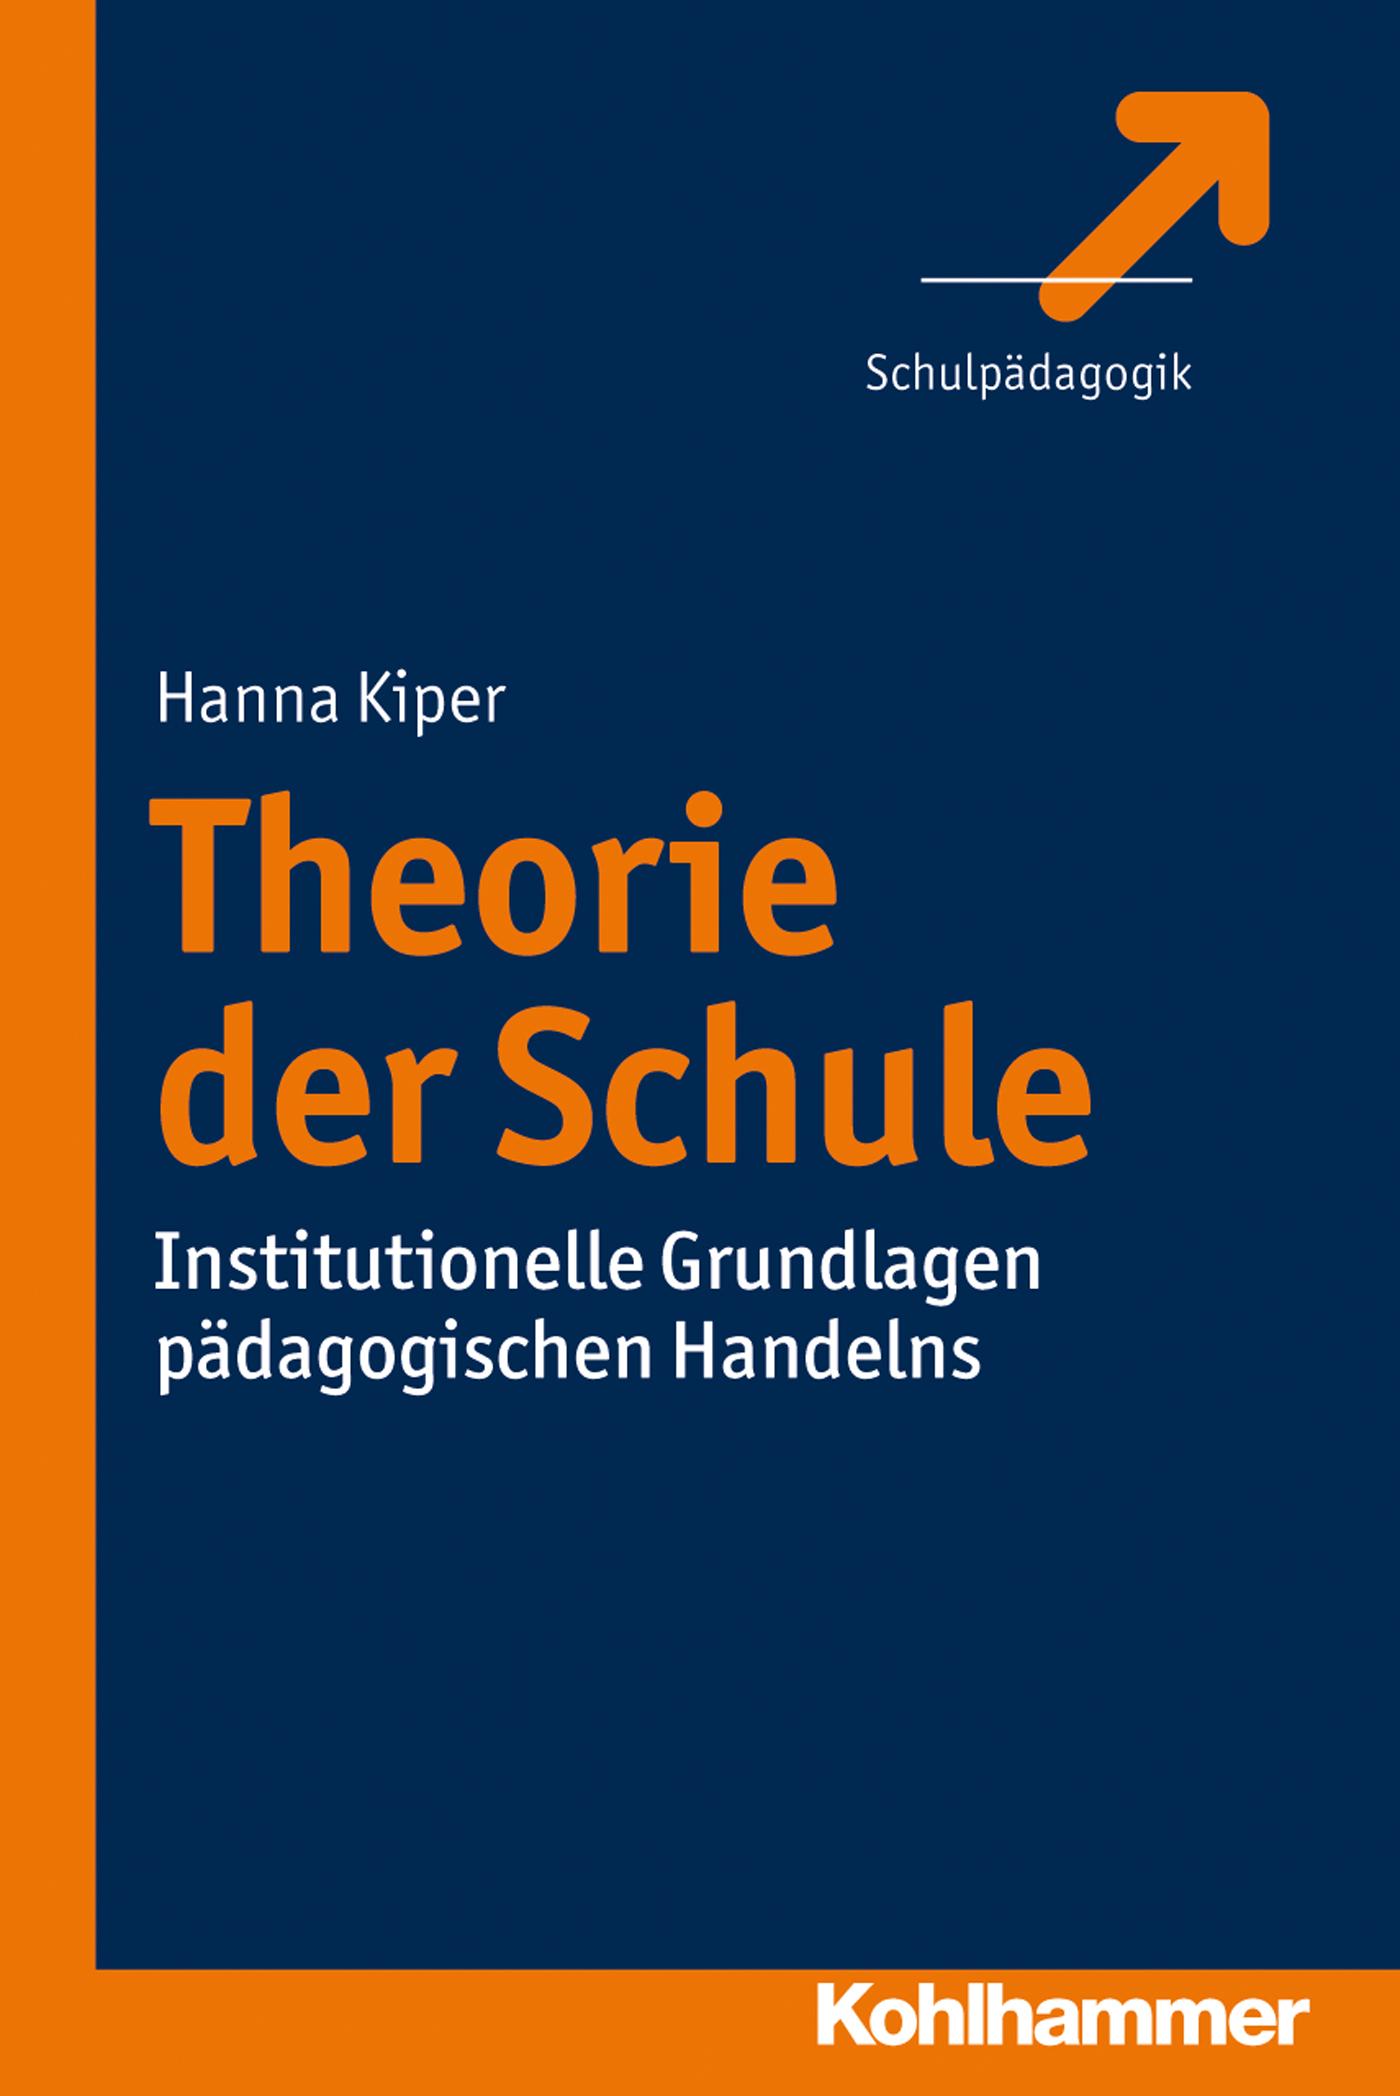 Hanna Kiper Theorie der Schule j h veder theorie en praktijk eenige beschouwingen over onze handelspolitiek naar aanleiding der jongst verschenen geschriften dutch edition